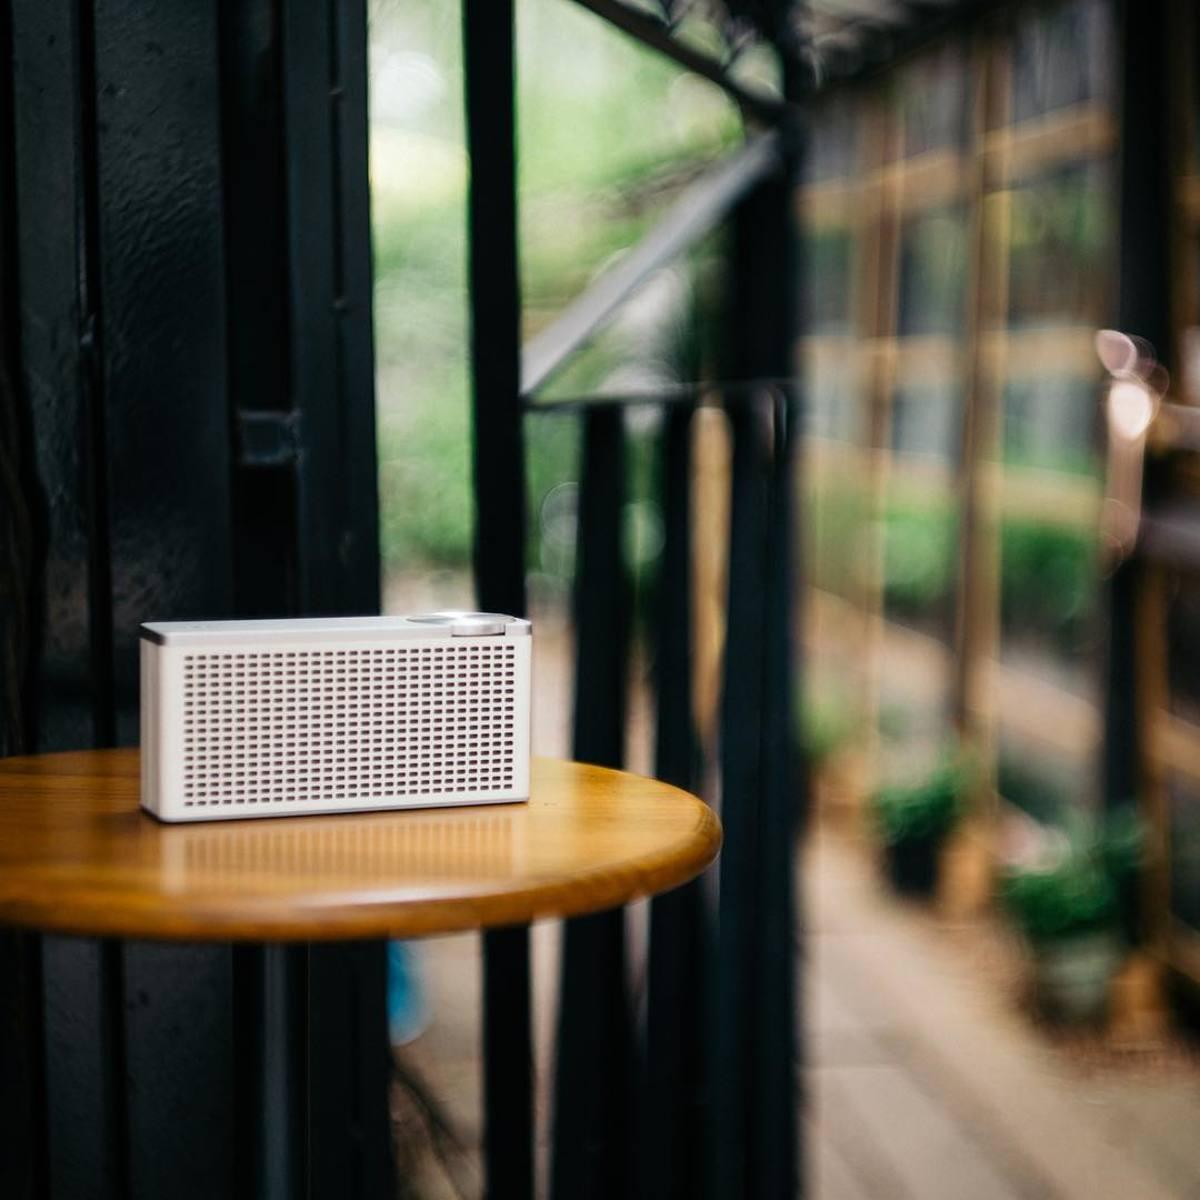 おしゃれで高音質、おすすめ Bluetoothスピーカー8選|ライフスタイルを格上げするスピーカーの選び方